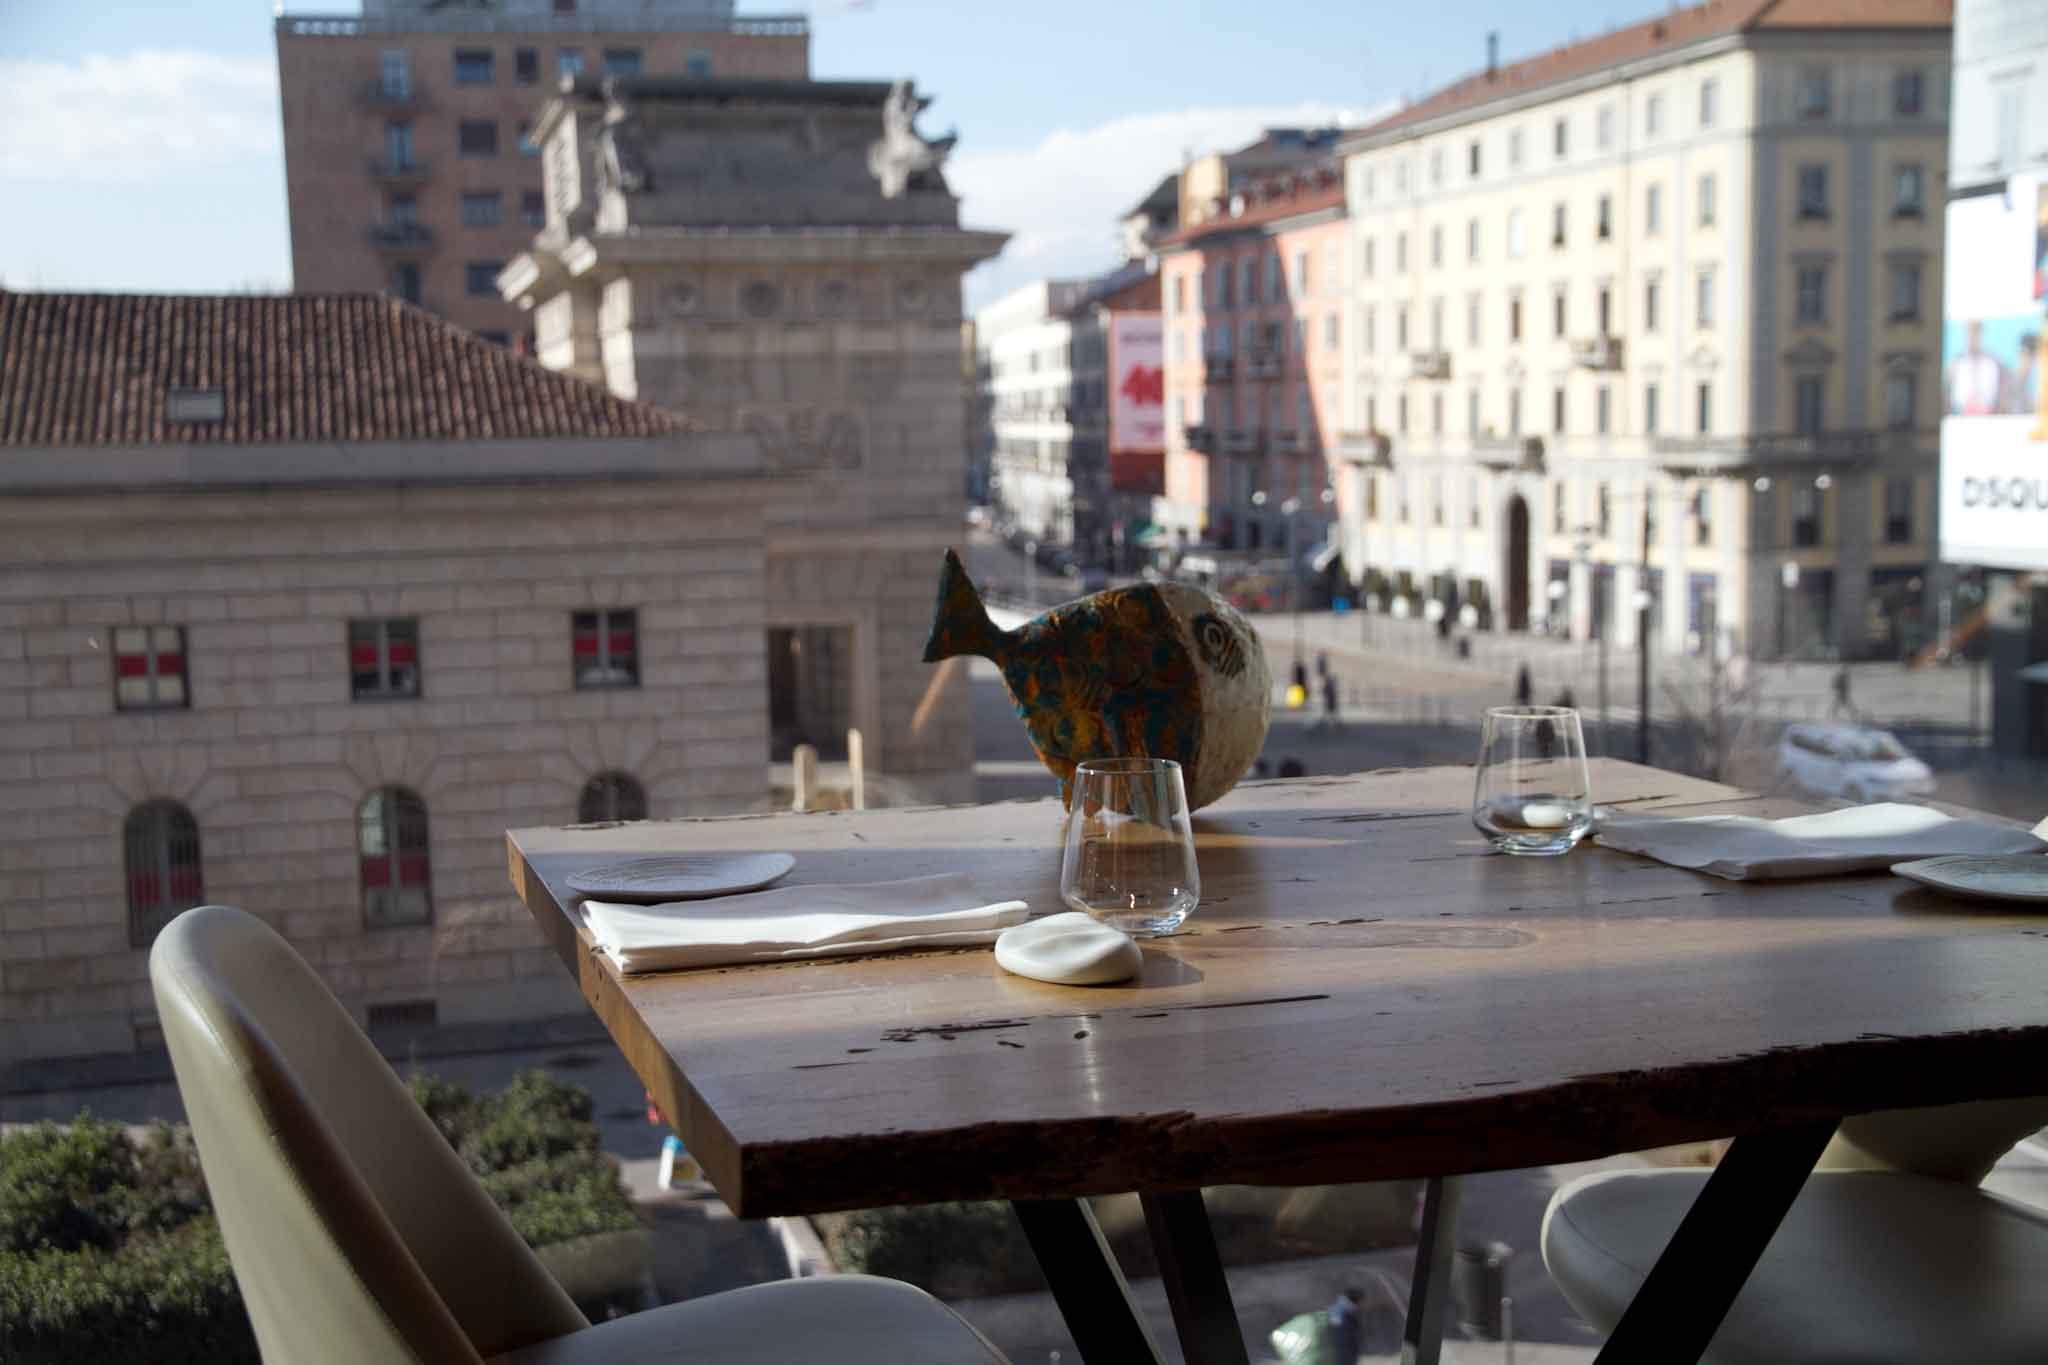 Alice molto di pi del migliore ristorante di pesce a milano for Eataly milano piazza 25 aprile